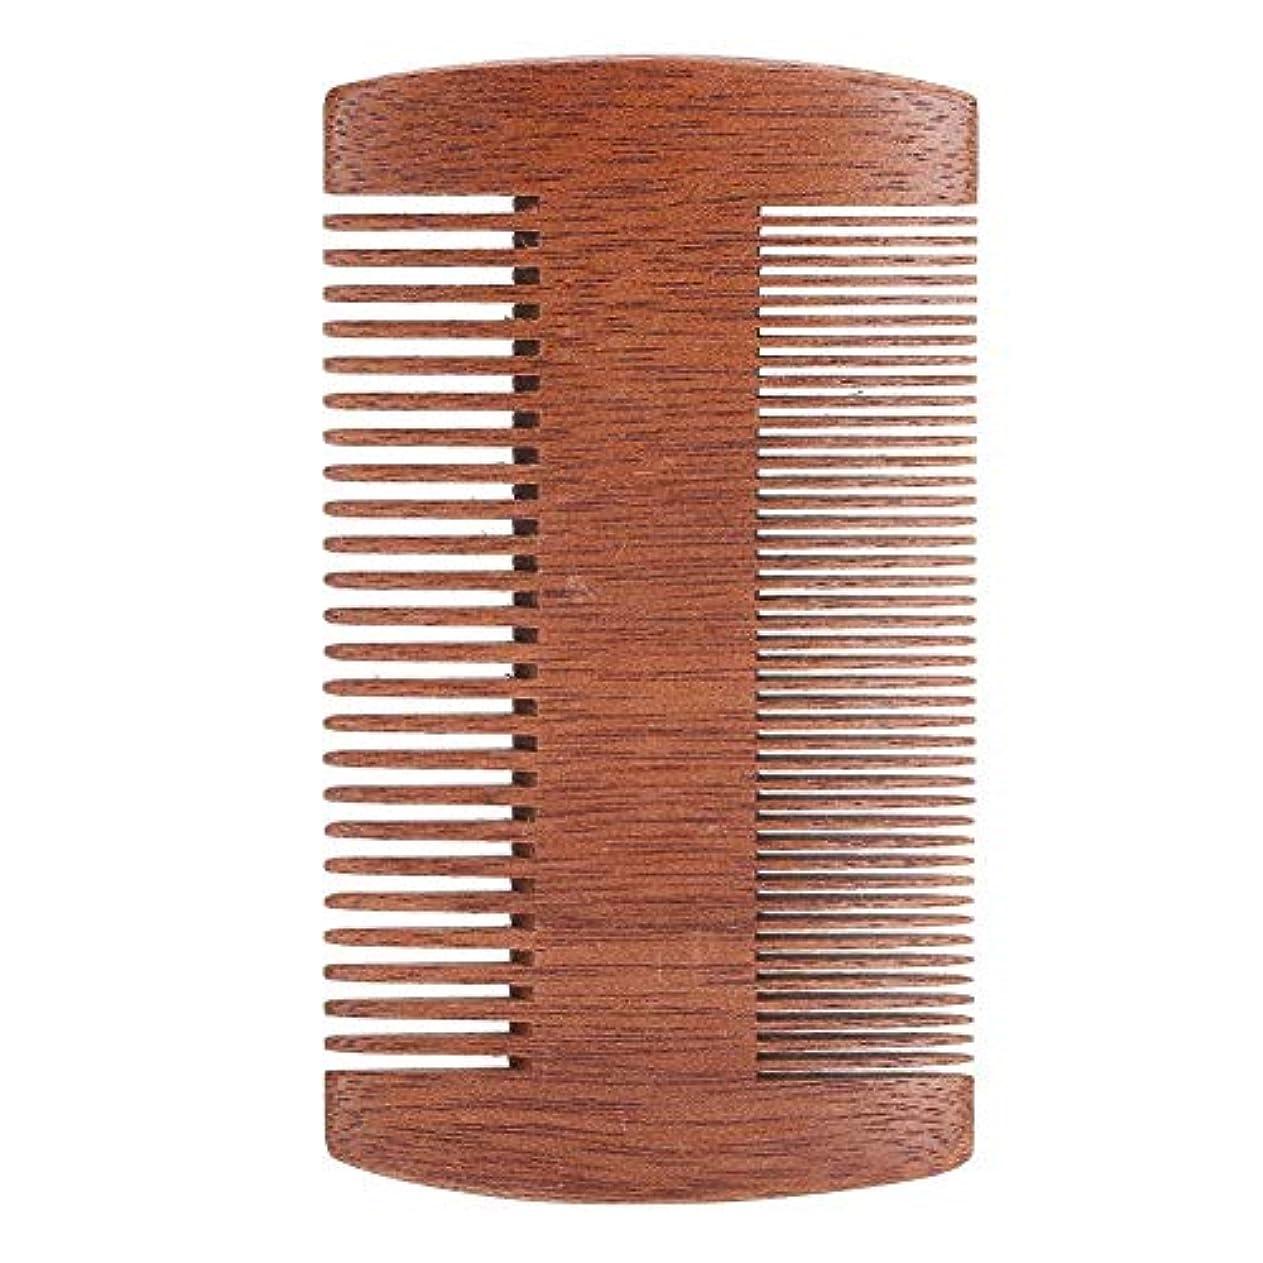 憂慮すべき基準ランタンサンダルウッド帯電防止口ひげスタイリングくしツール